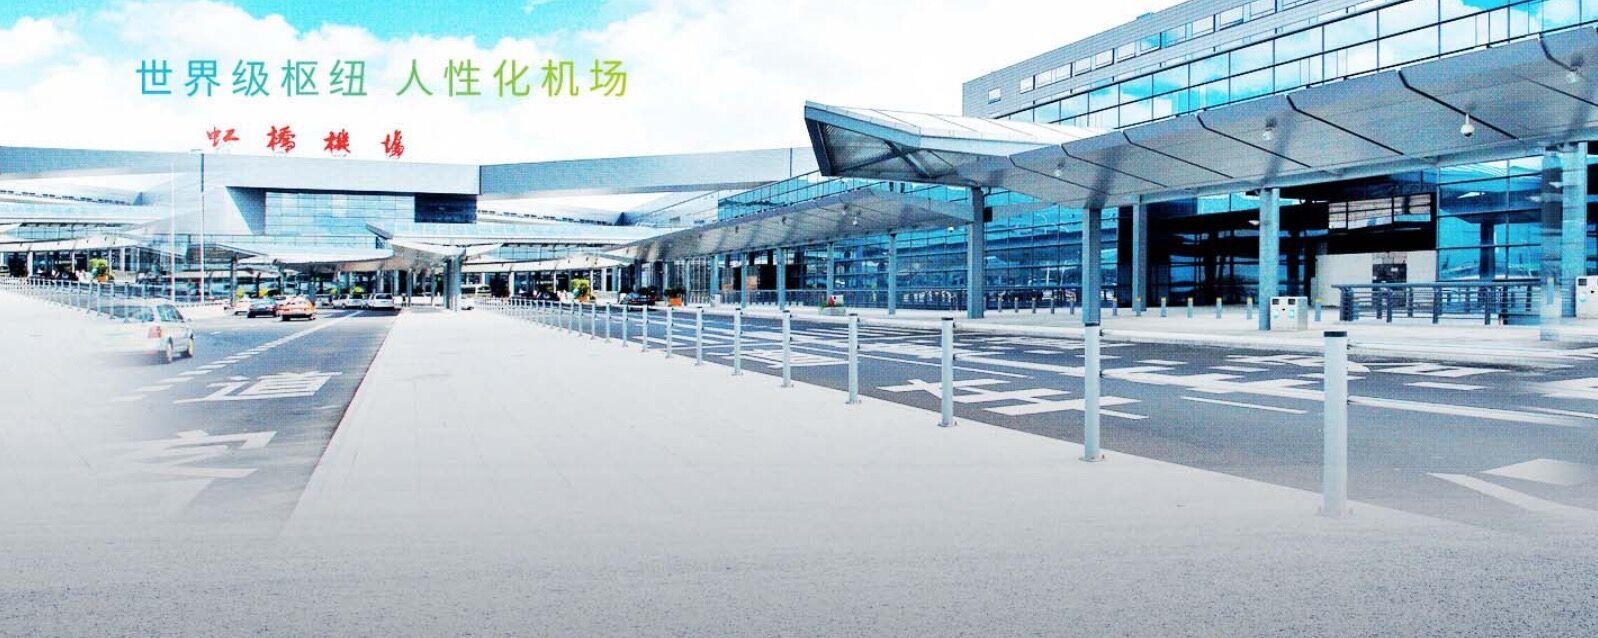 上海虹桥海关